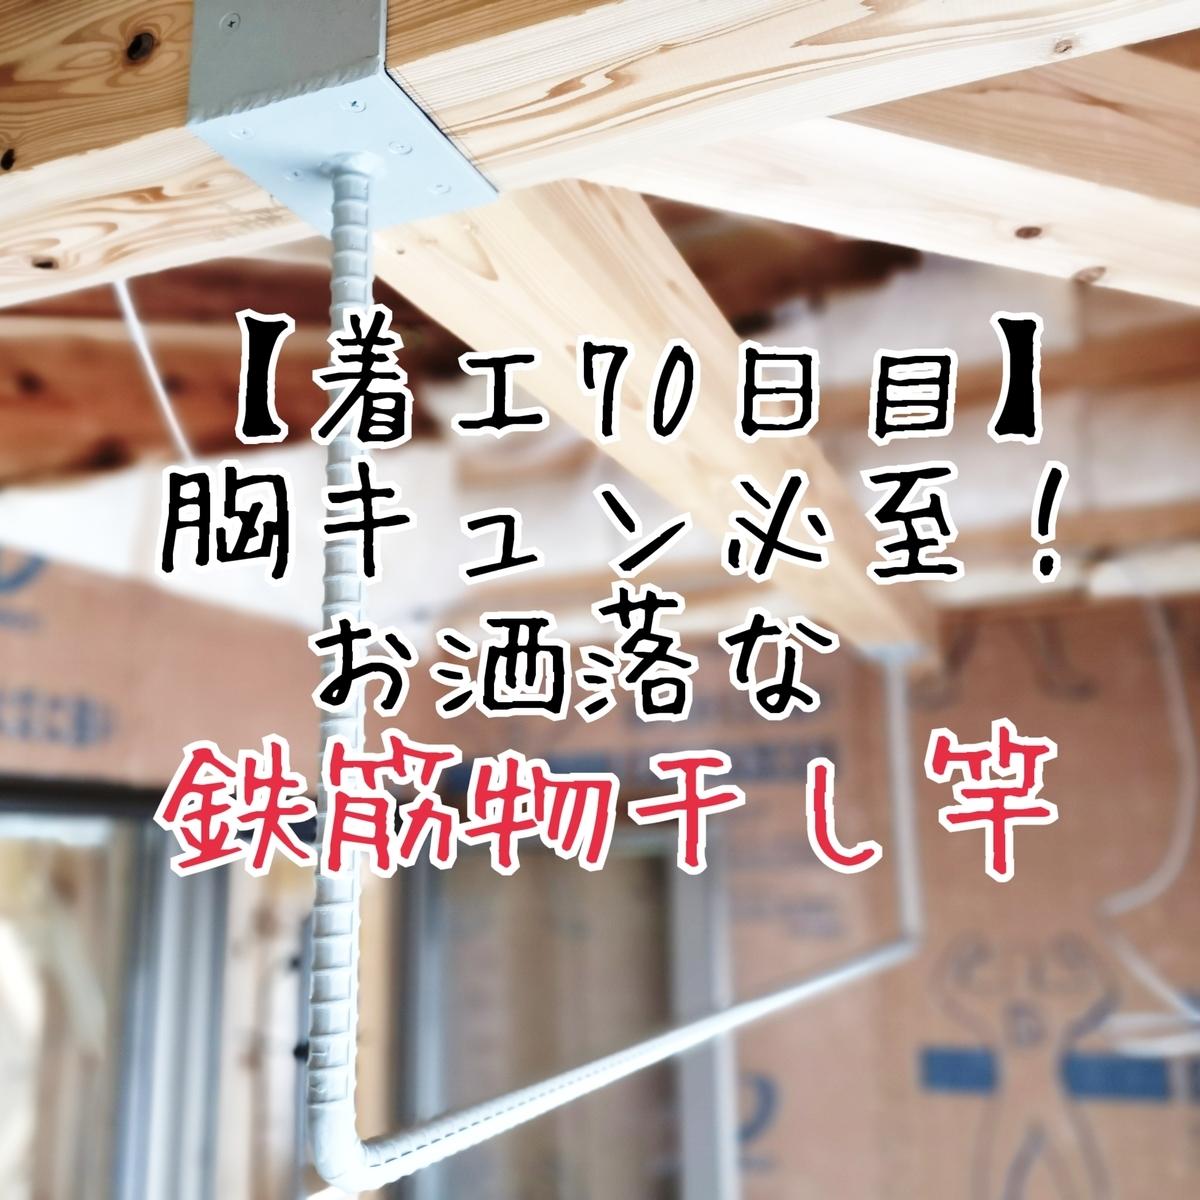 【着工70日目】胸キュン必至!お洒落な鉄筋物干し竿